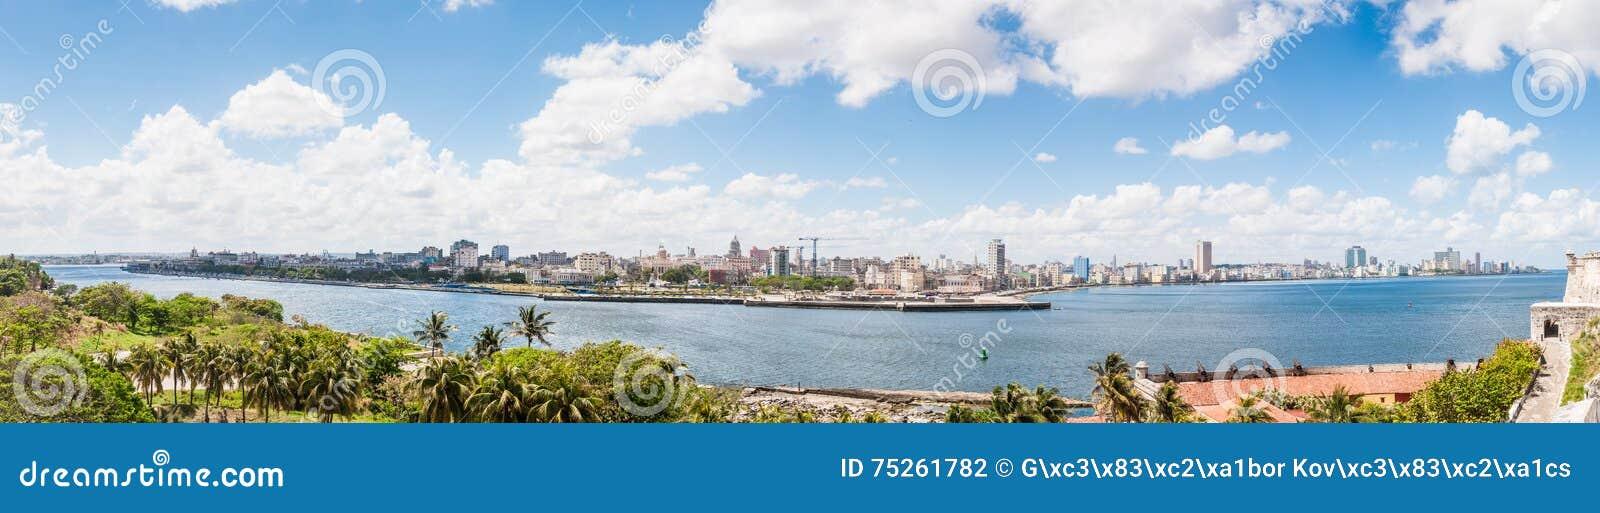 Vista panorâmica da arquitetura da cidade em Havana, Cuba